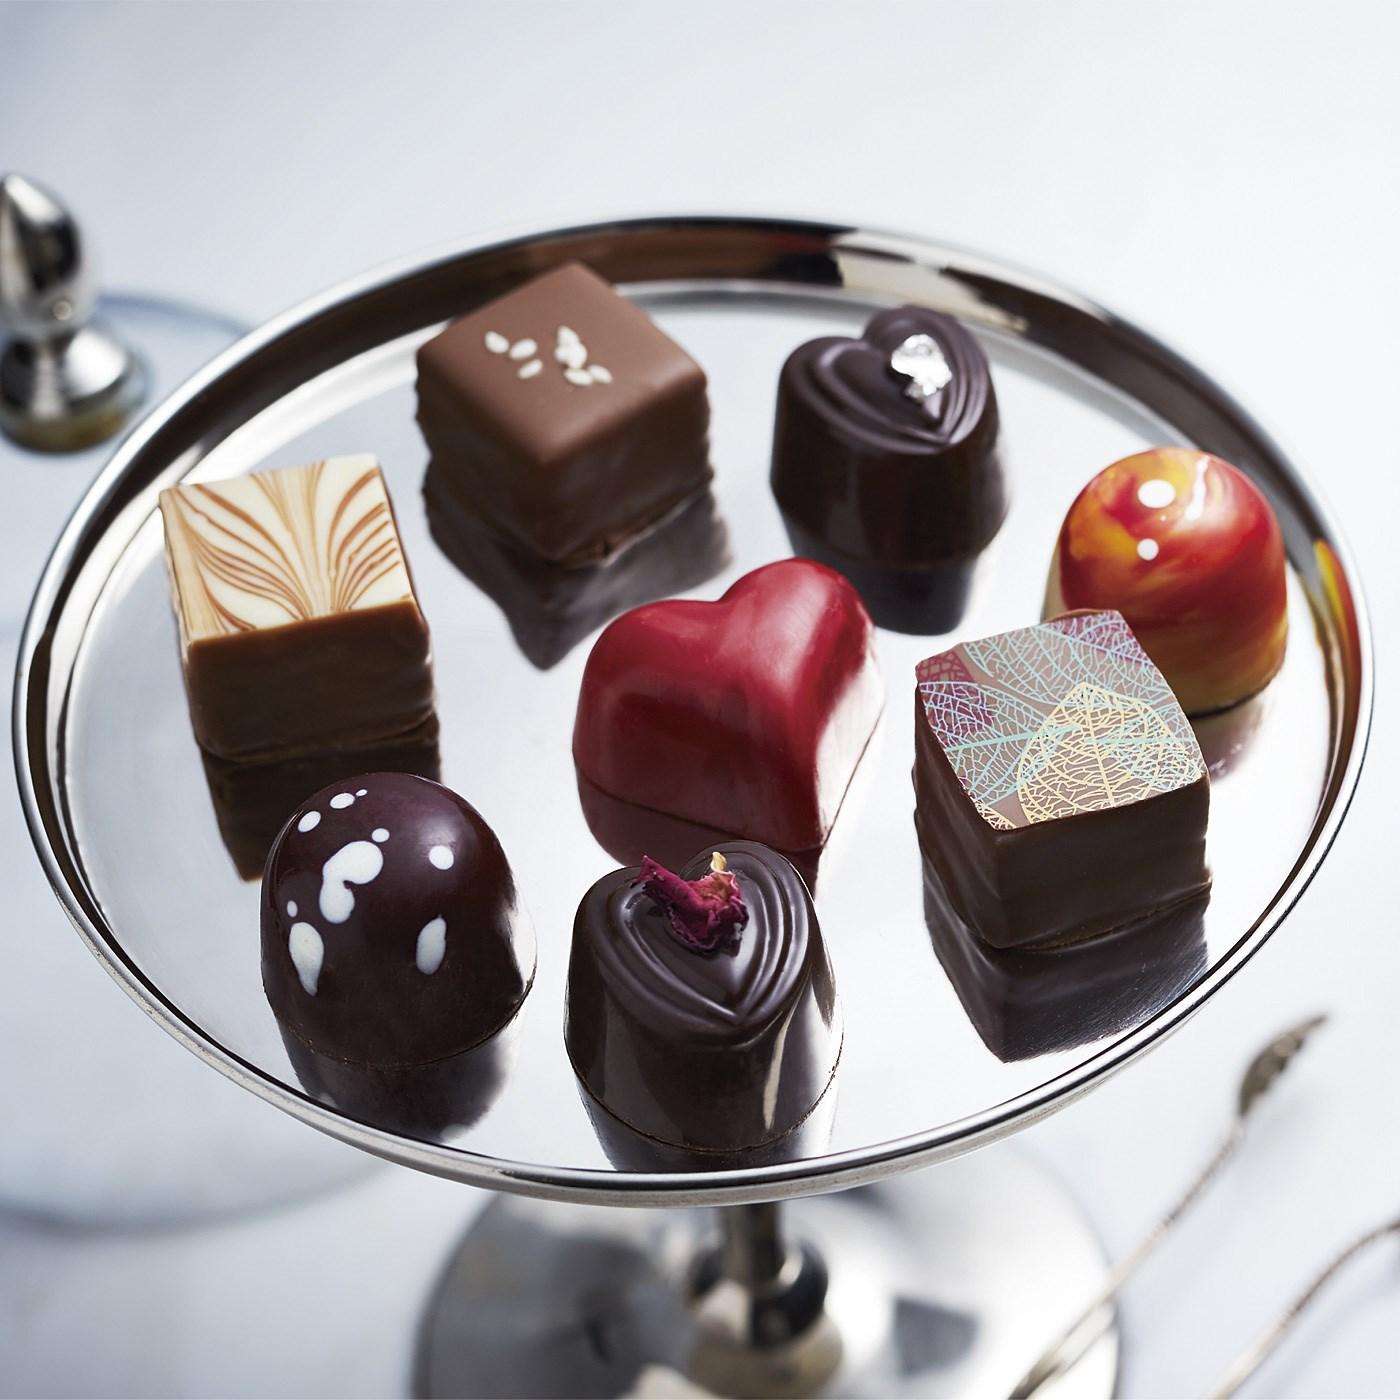 【ホワイトデイお届け】ショコラトルアーティザンチョコレート&カフェ ファミリーアソート